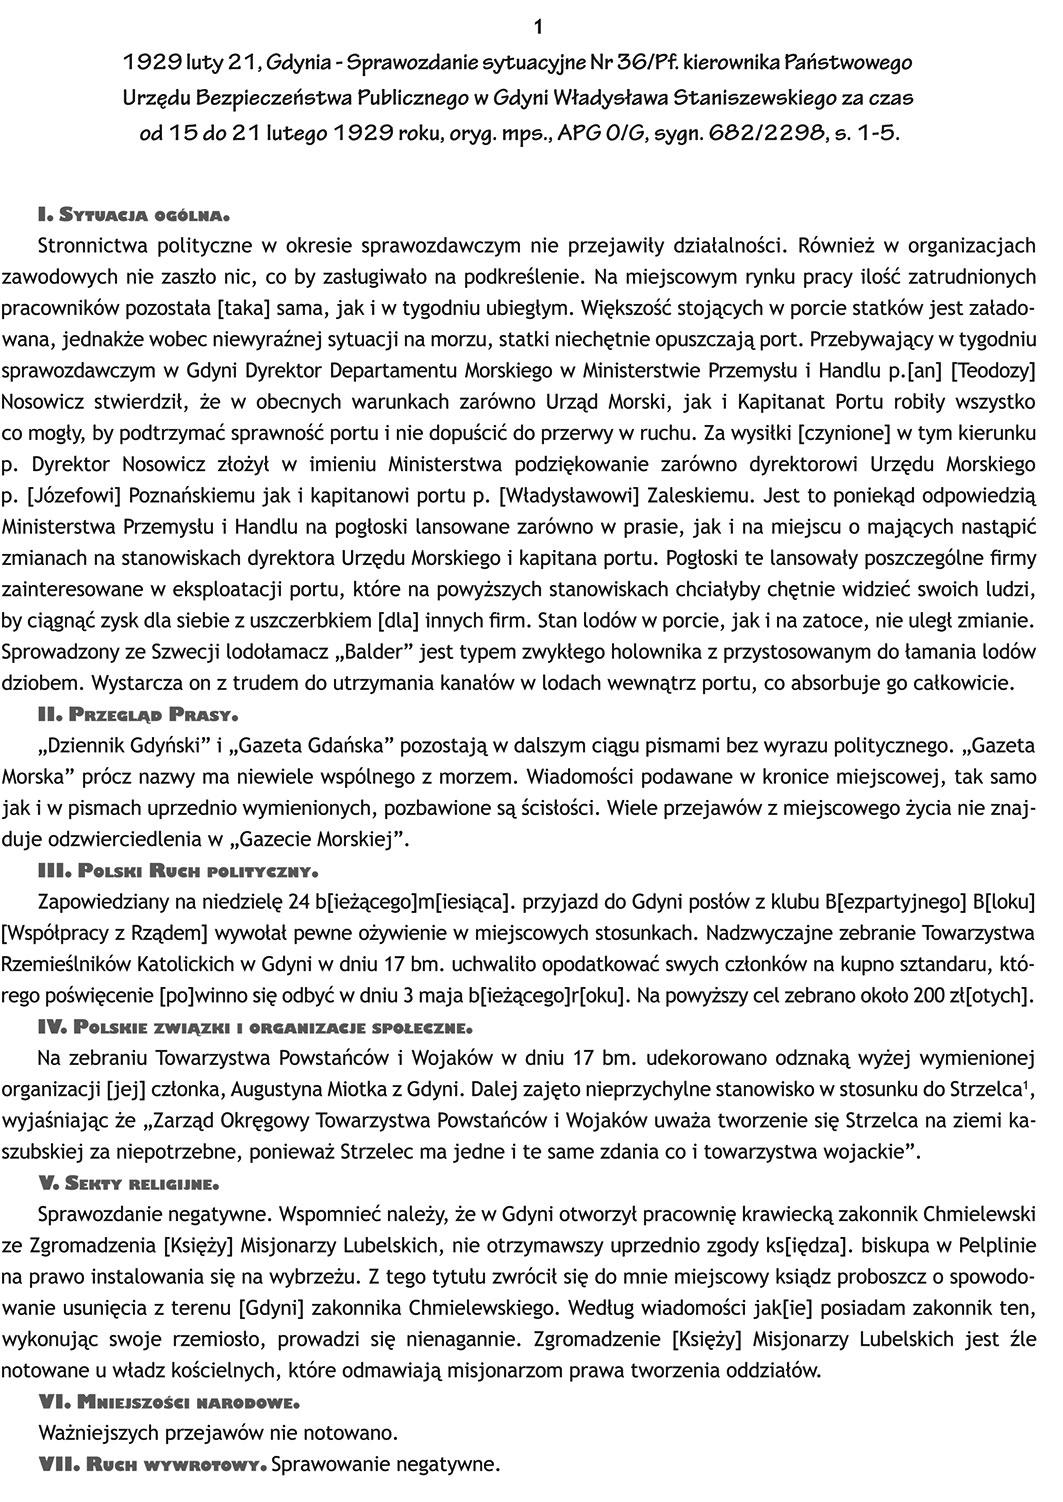 1929 luty 21, Gdynia - Sprawozdanie sytuacyjne Nr 36/Pf. kierownika Państwowego Urzędu Bezpieczeństwa Publicznego w Gdyni Władysława Staniszewskiego za czas od 15 do 21 lutego 1929 roku, oryg/ mps., APG O/G, sygn 632/2298, s. 1-5